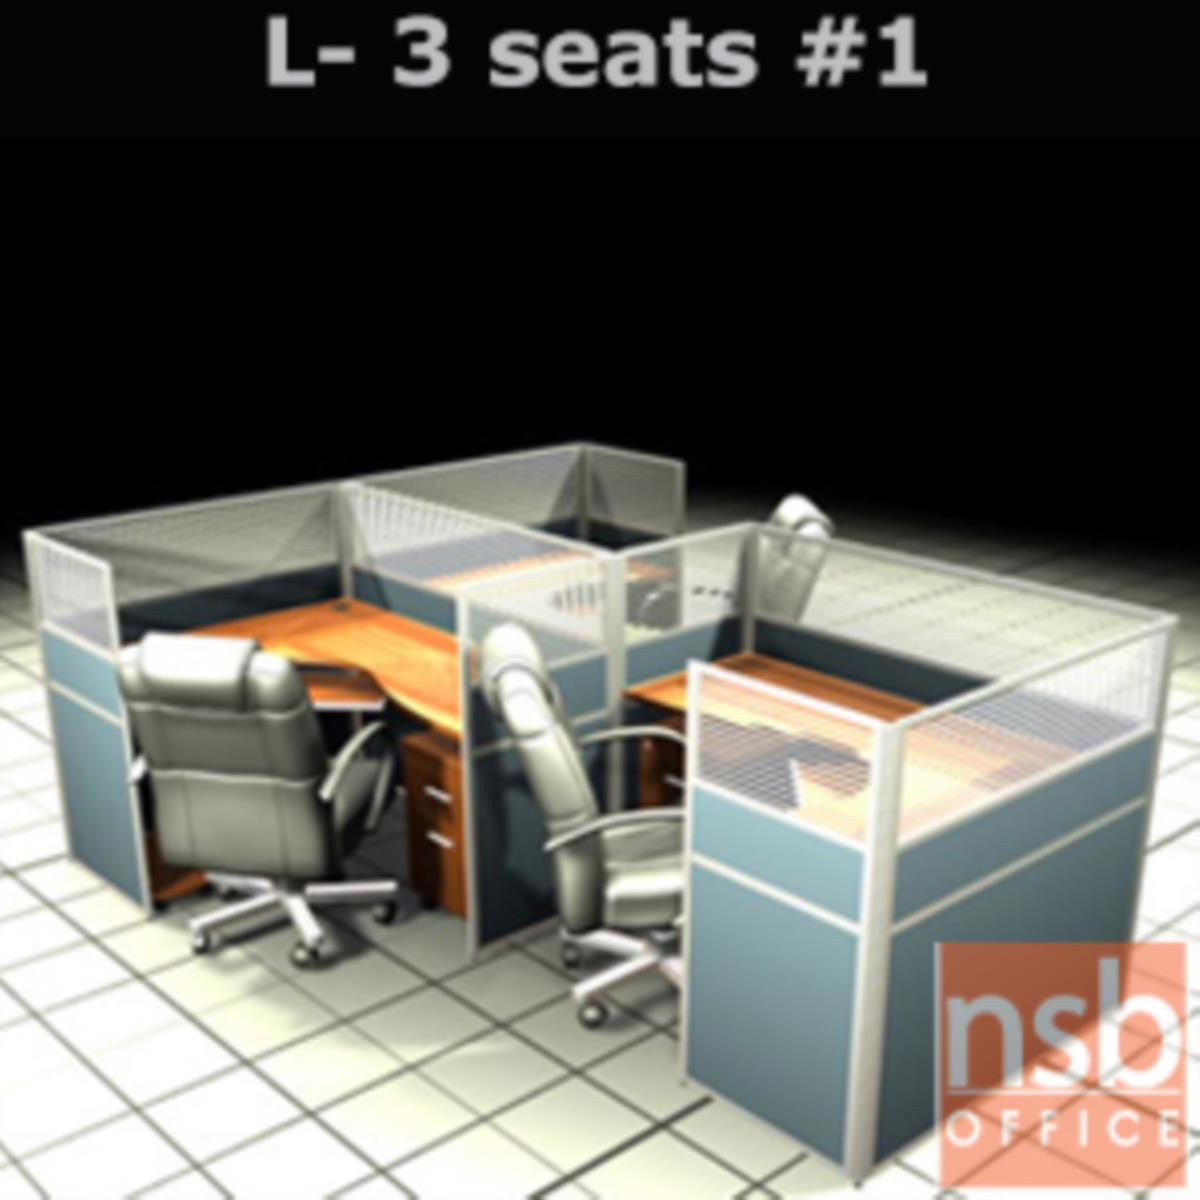 A04A106:ชุดโต๊ะทำงานกลุ่มตัวแอล 3 ที่นั่ง   ขนาดรวม 306W*246D cm. พร้อมพาร์ทิชั่นครึ่งกระจกขัดลาย